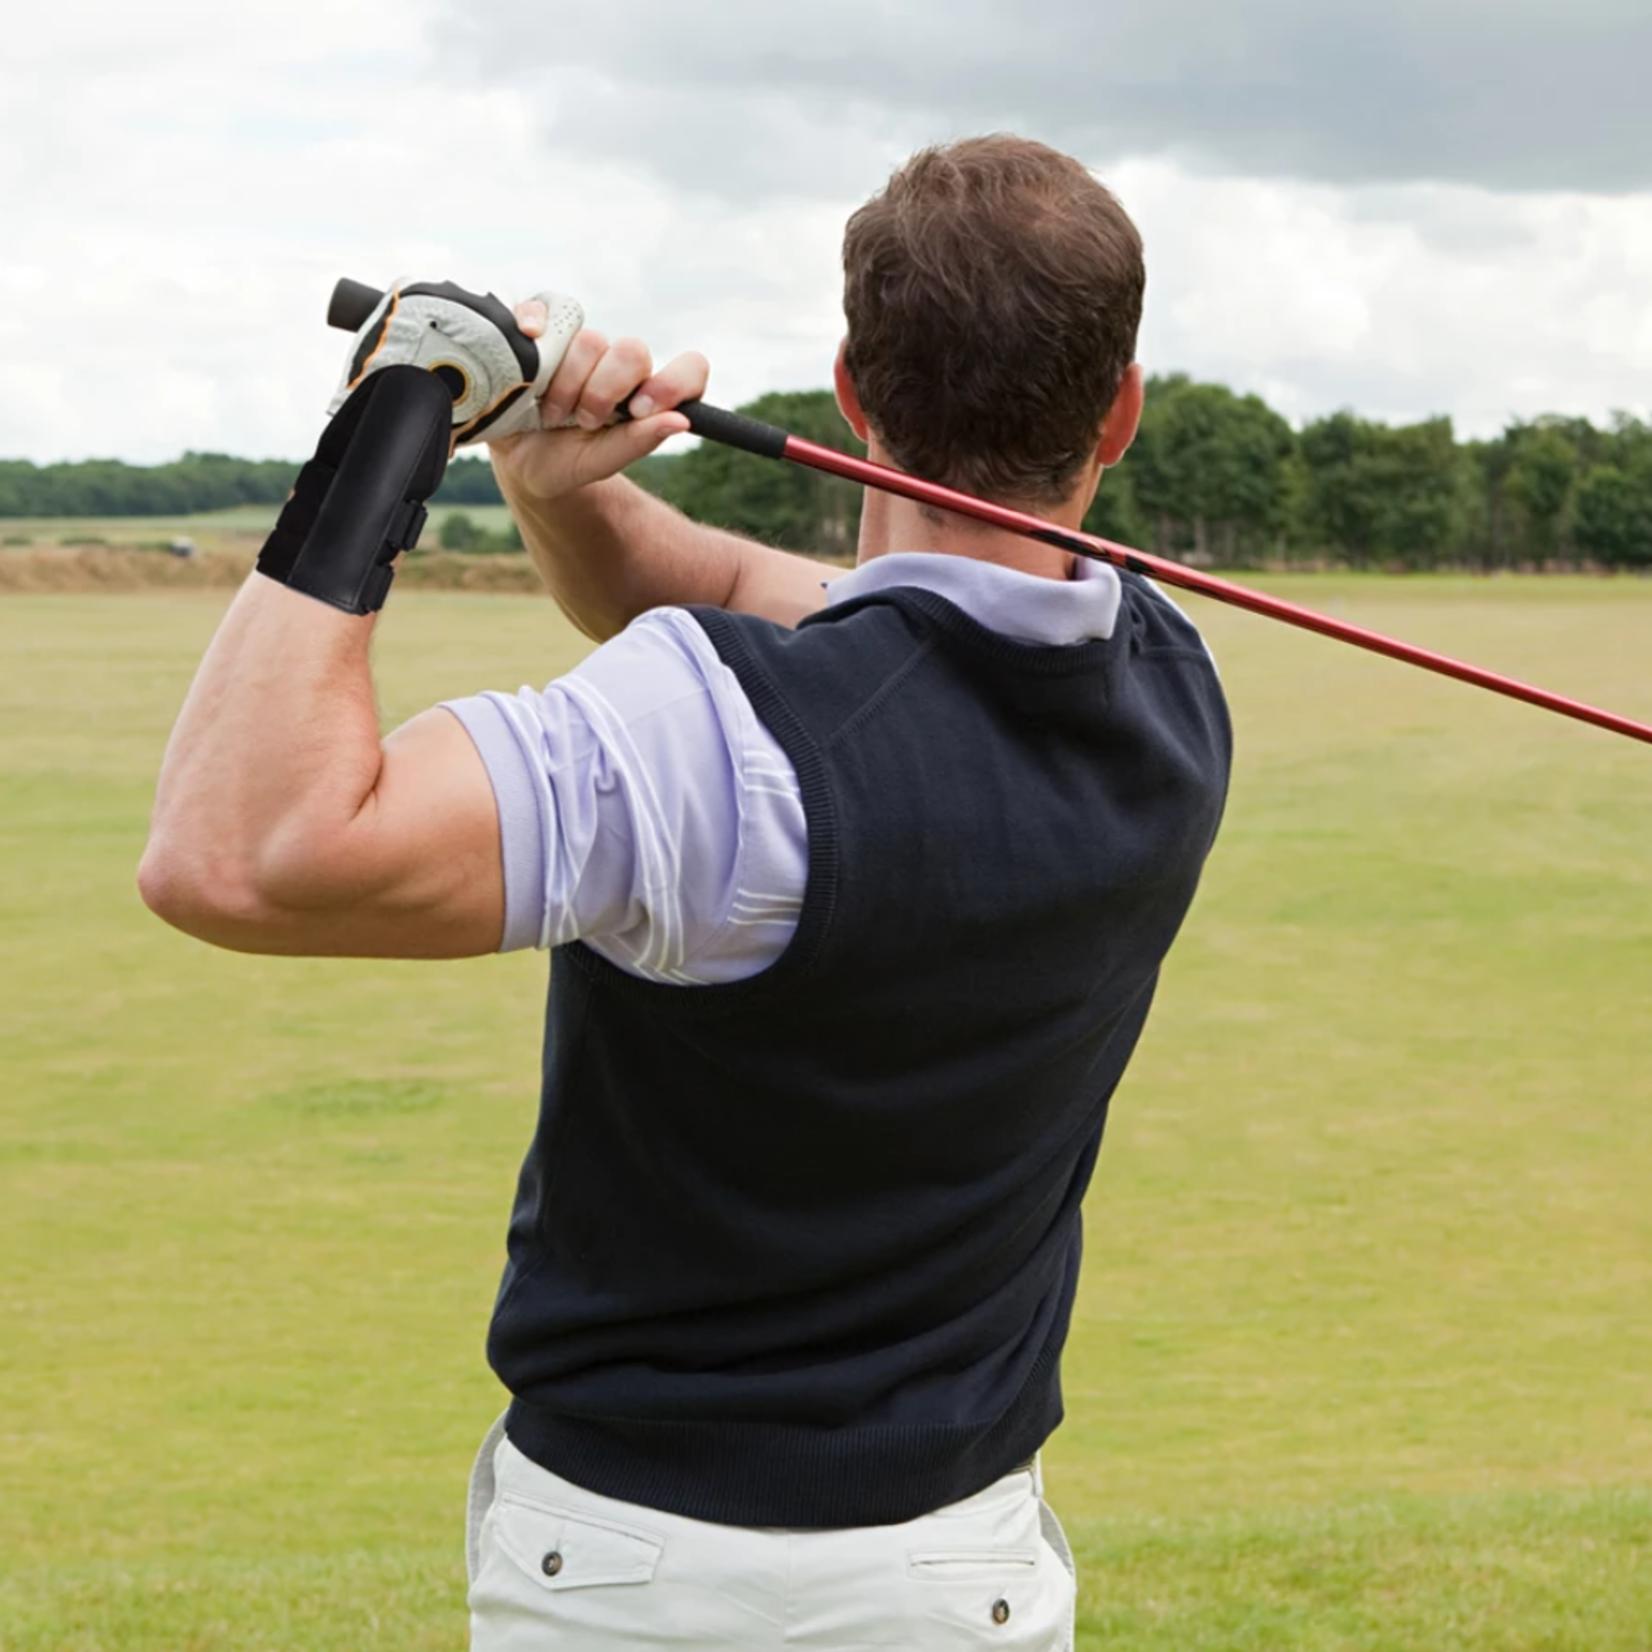 Jobber Golf Jobber Golf - Golf swing trainer pols